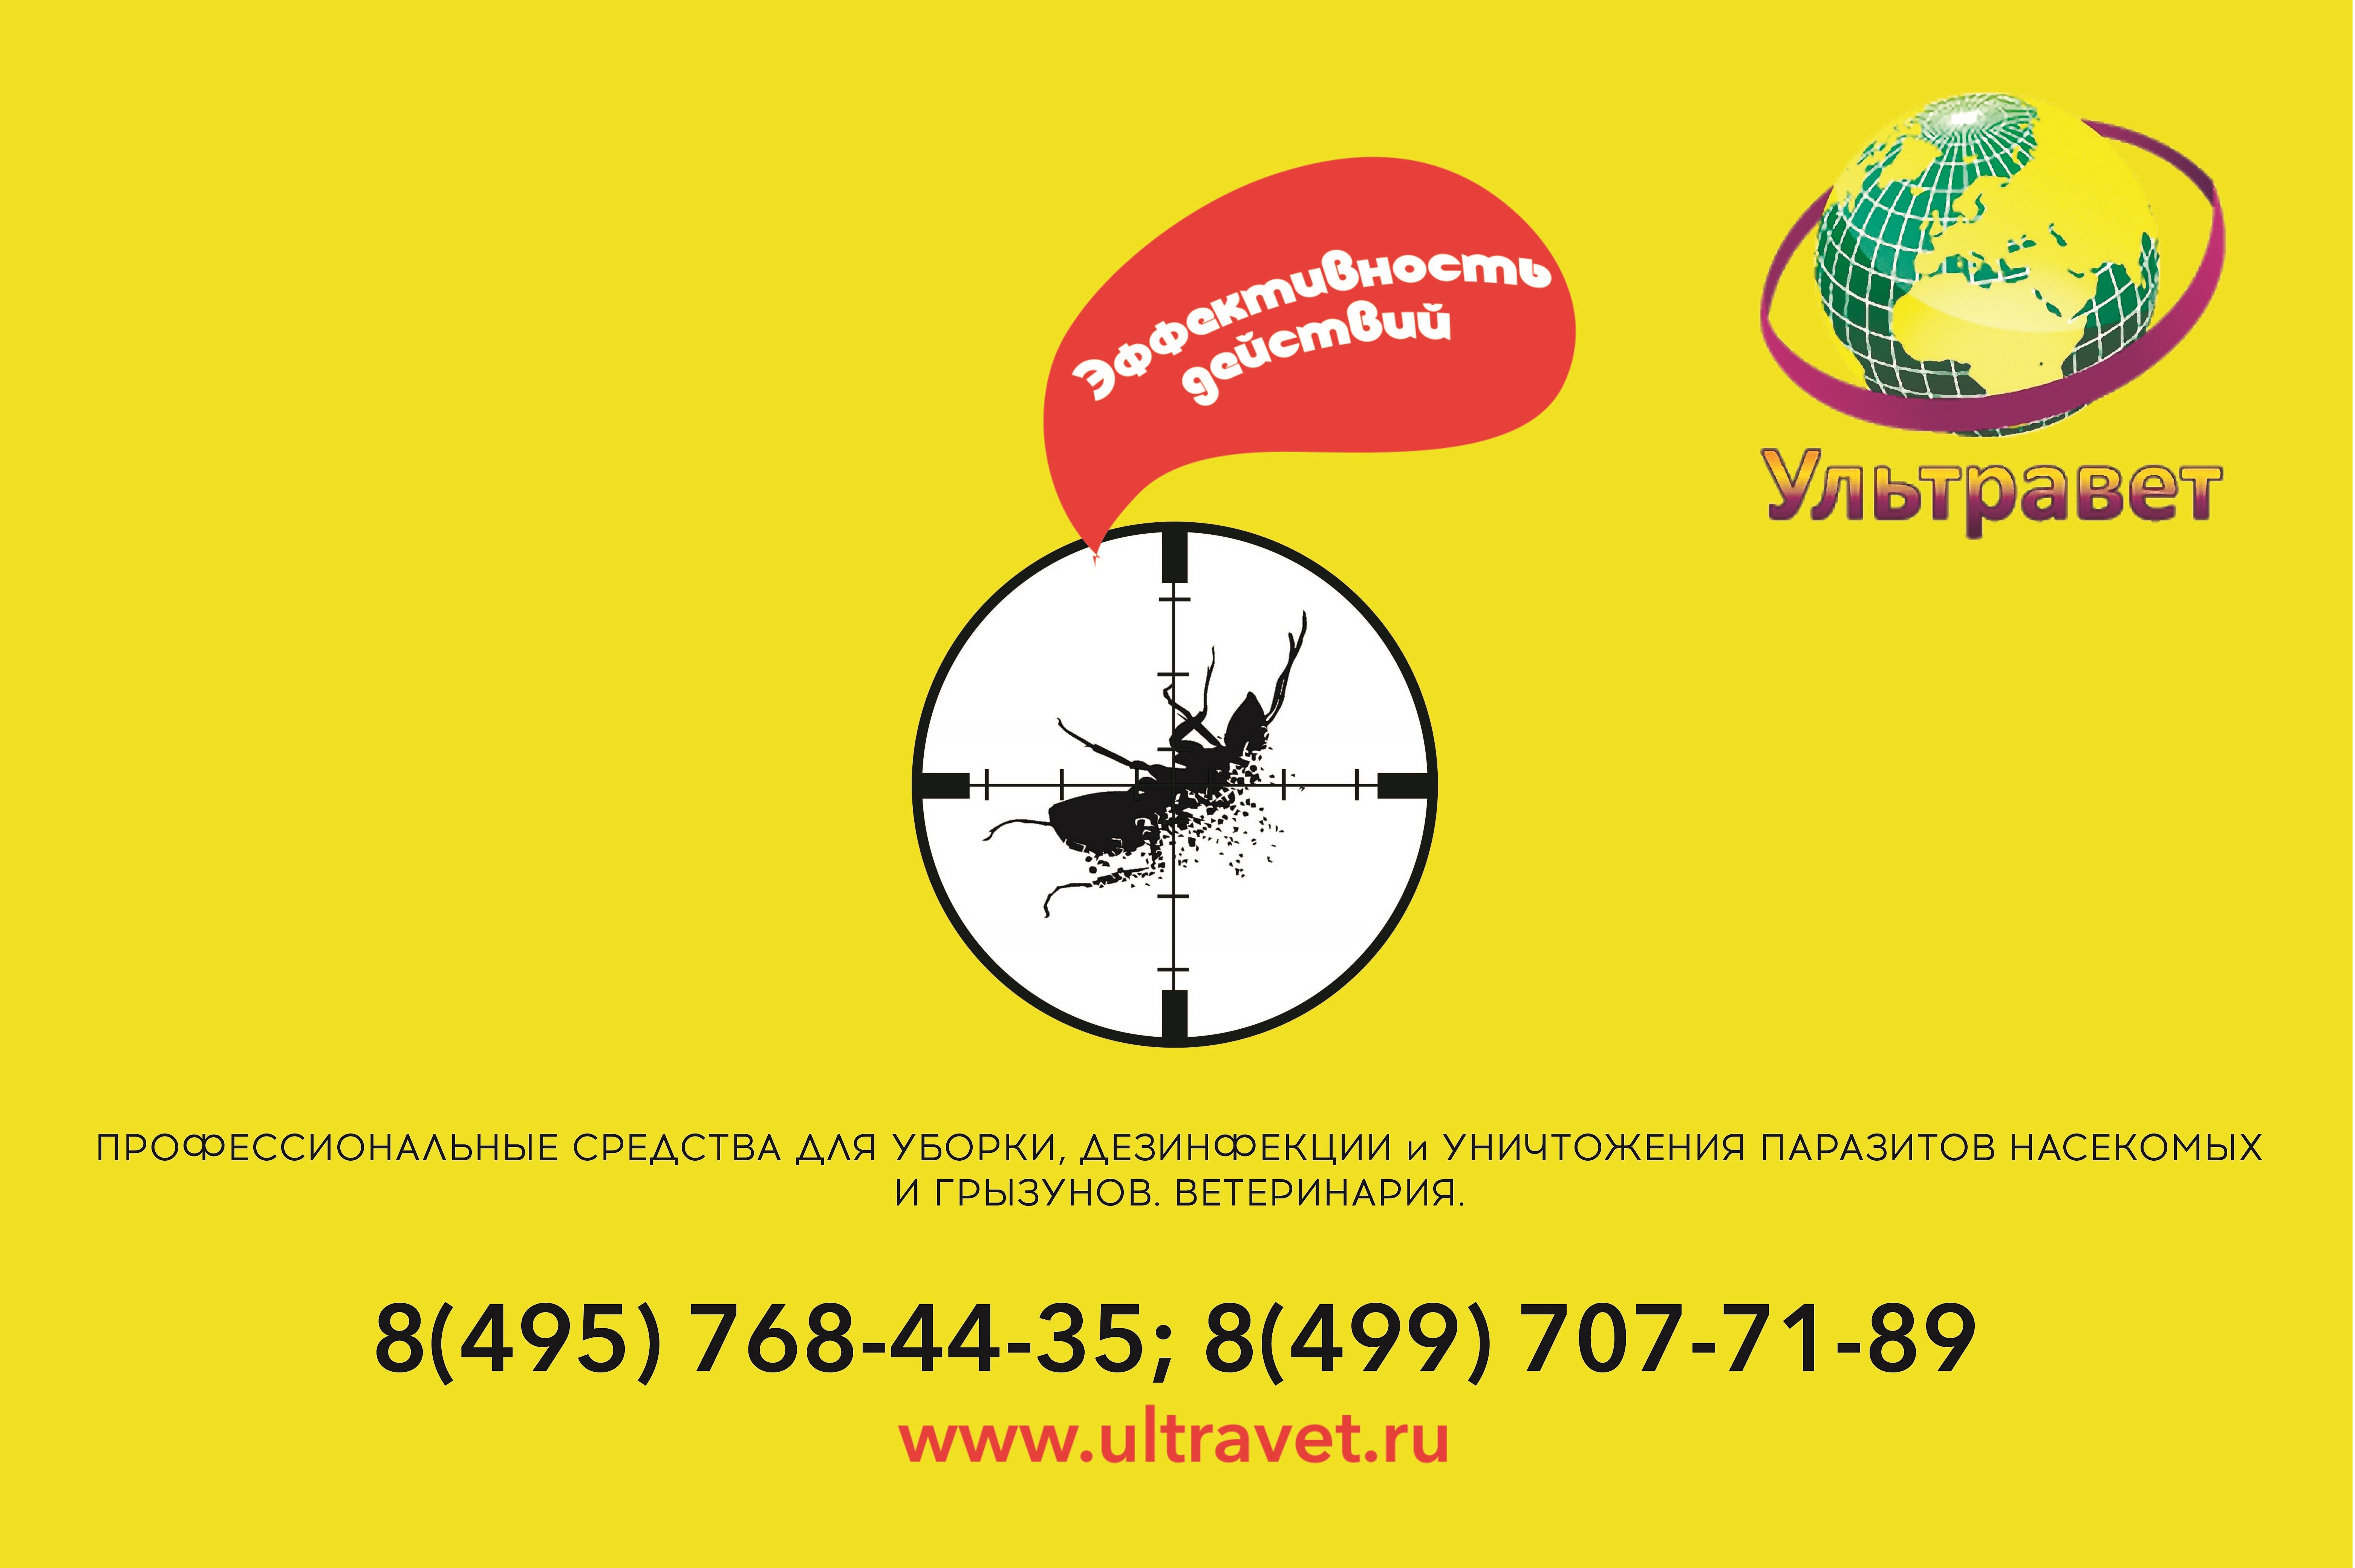 Придумайте дизайн плаката. фото f_641544bd34307087.jpg